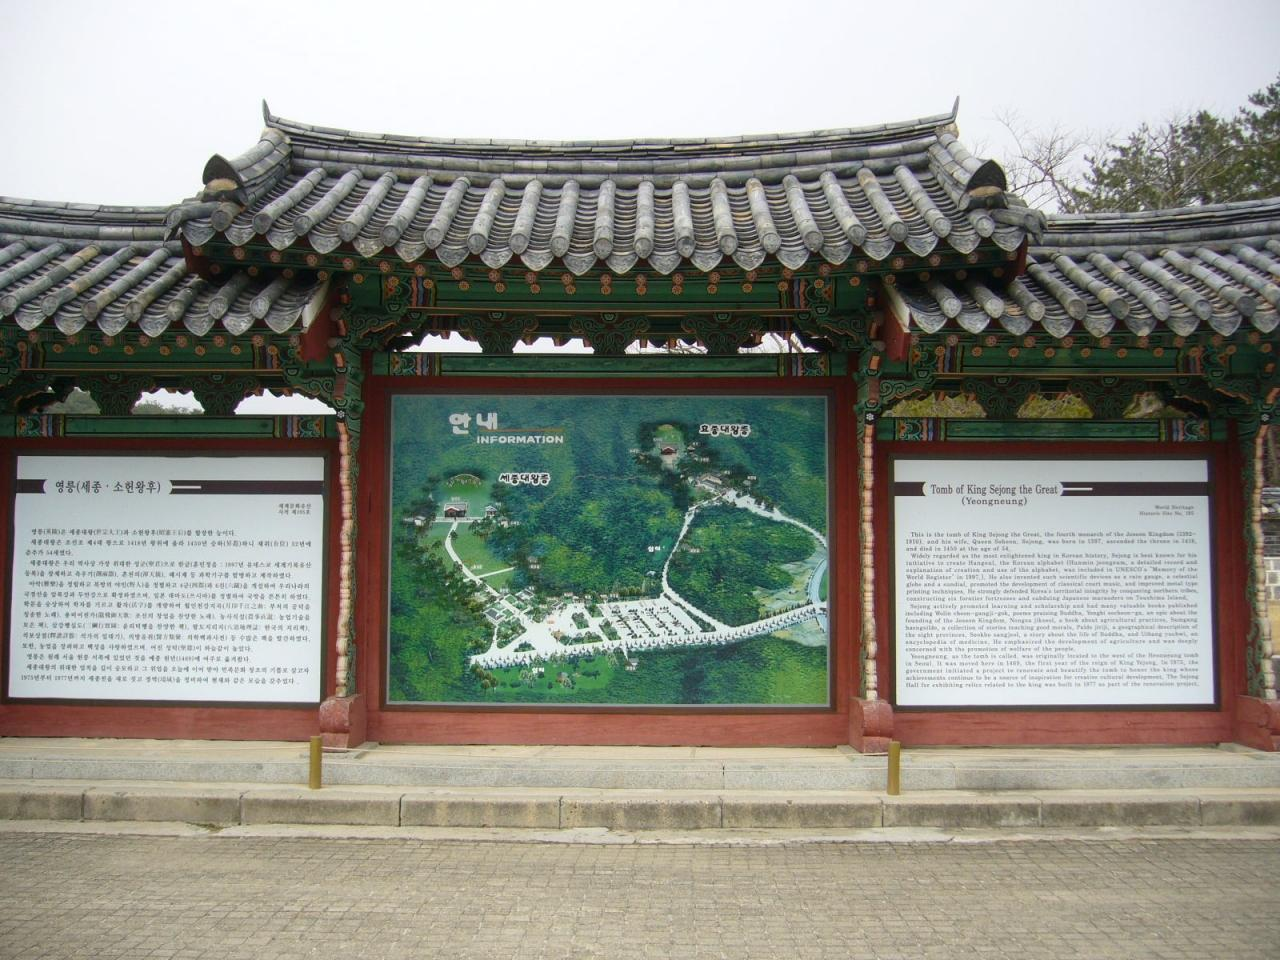 朝鮮王陵の画像 p1_20